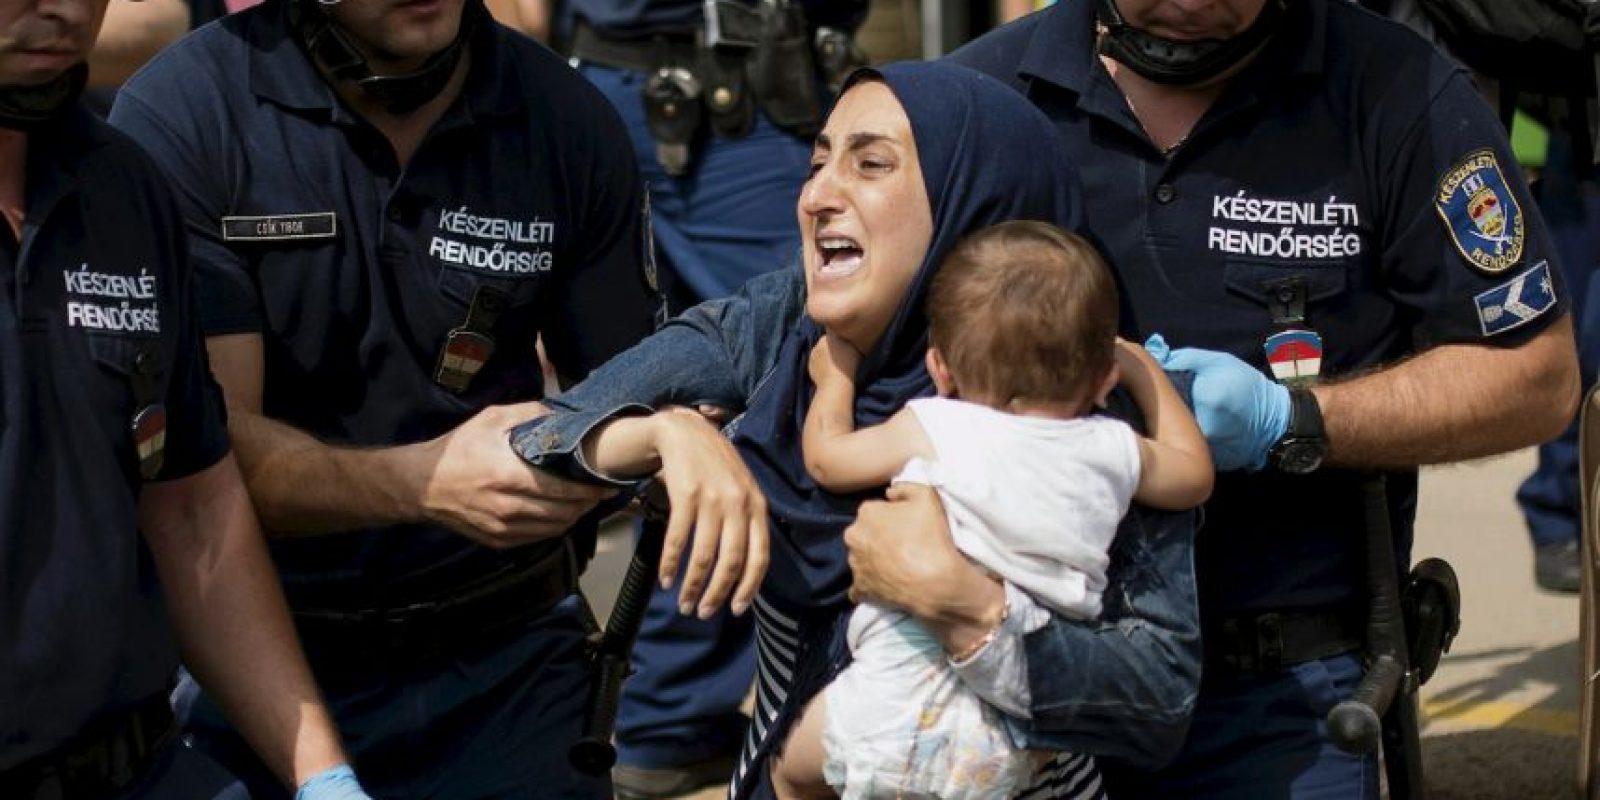 Familia de migrantes es arrestada en Hungría. Foto:AFP